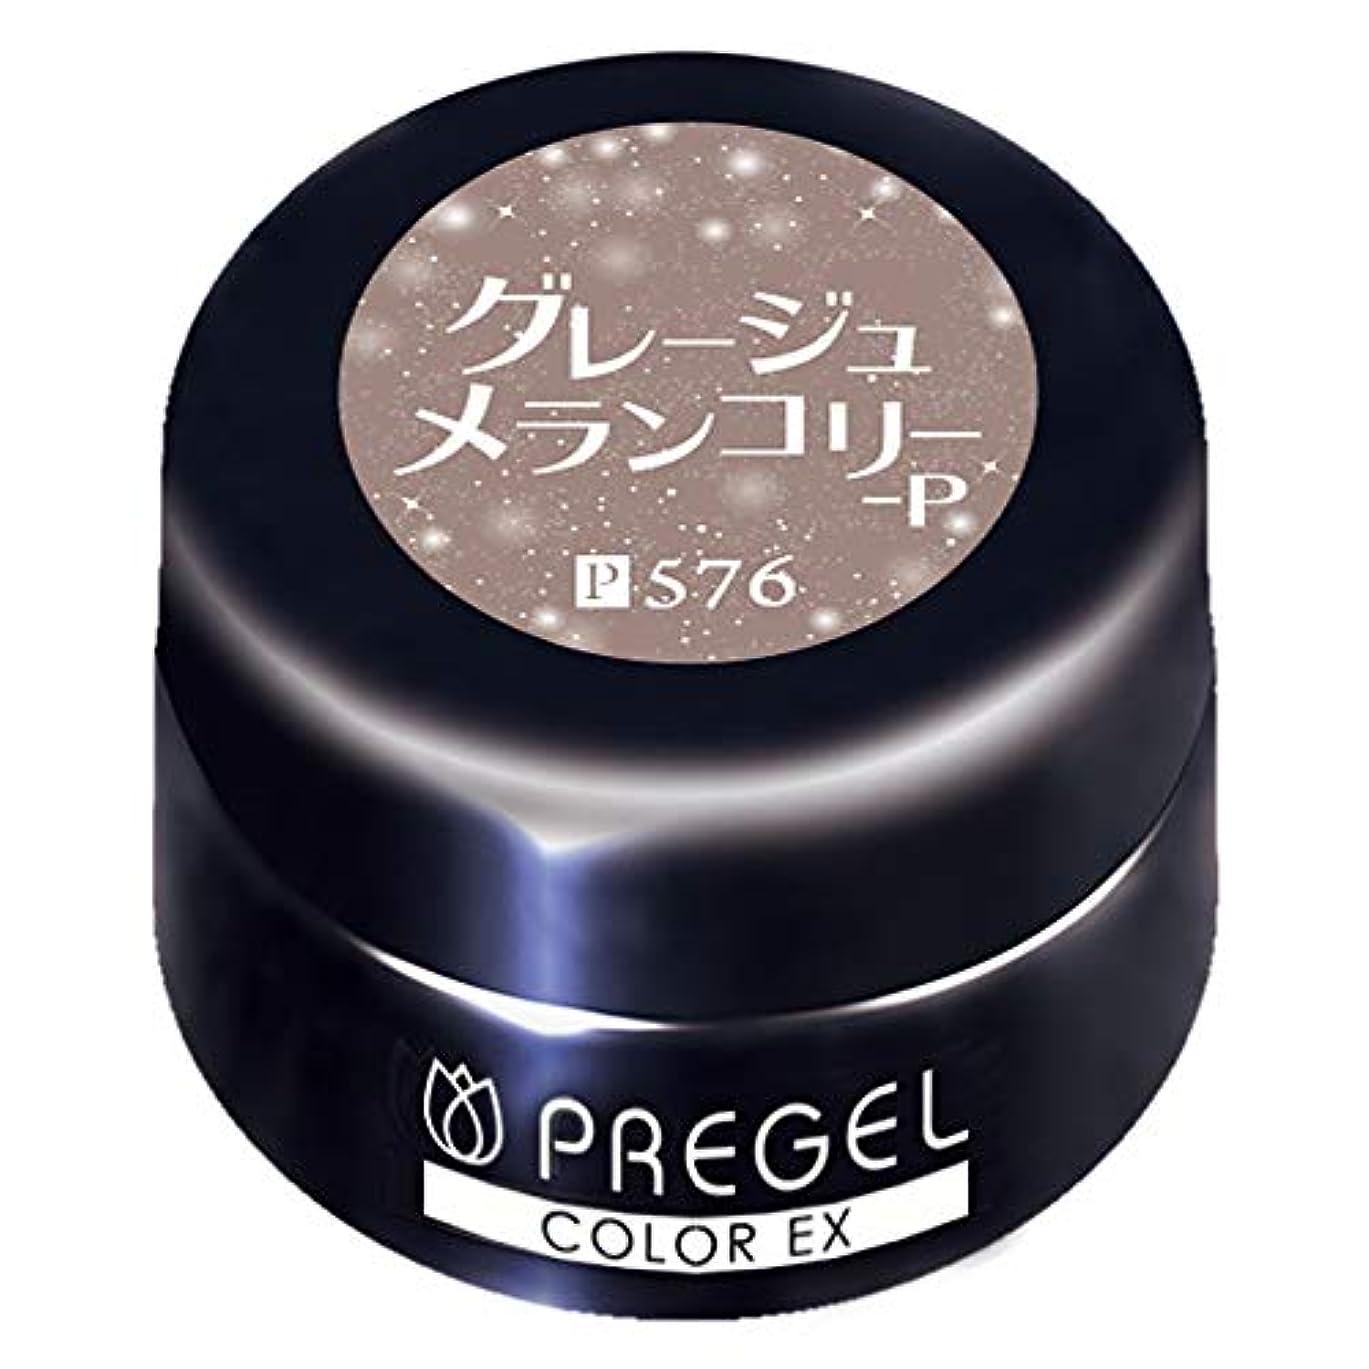 餌敵意オーストラリアPRE GEL(プリジェル) PRE GEL カラージェル カラーEX グレージュメランコリー-P 3g PG-CE576 UV/LED対応 ジェルネイル